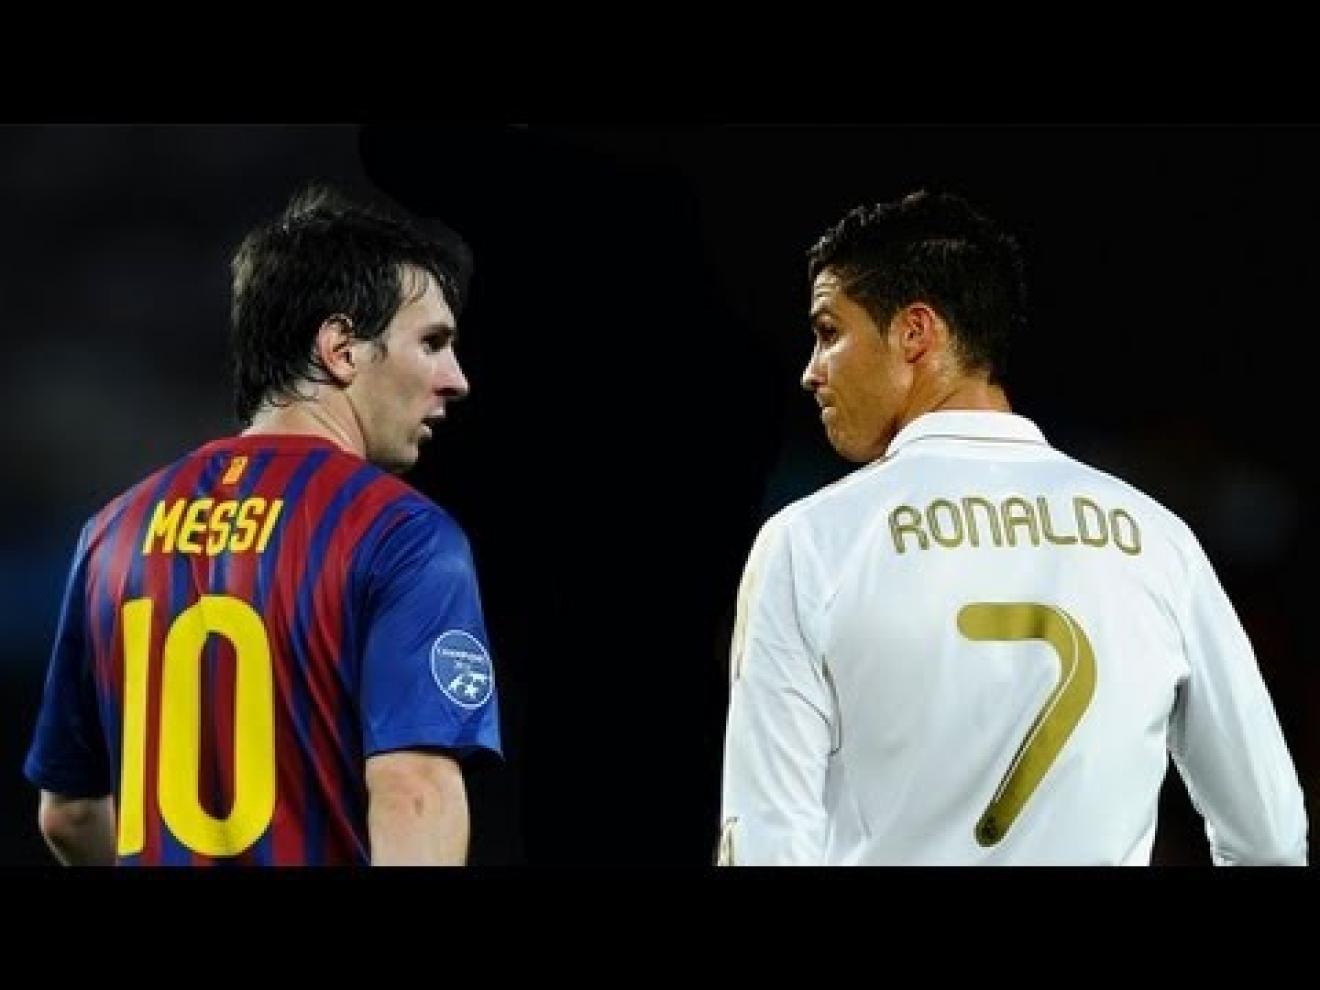 videos de cristiano ronaldo vs ronaldinho vs henry: